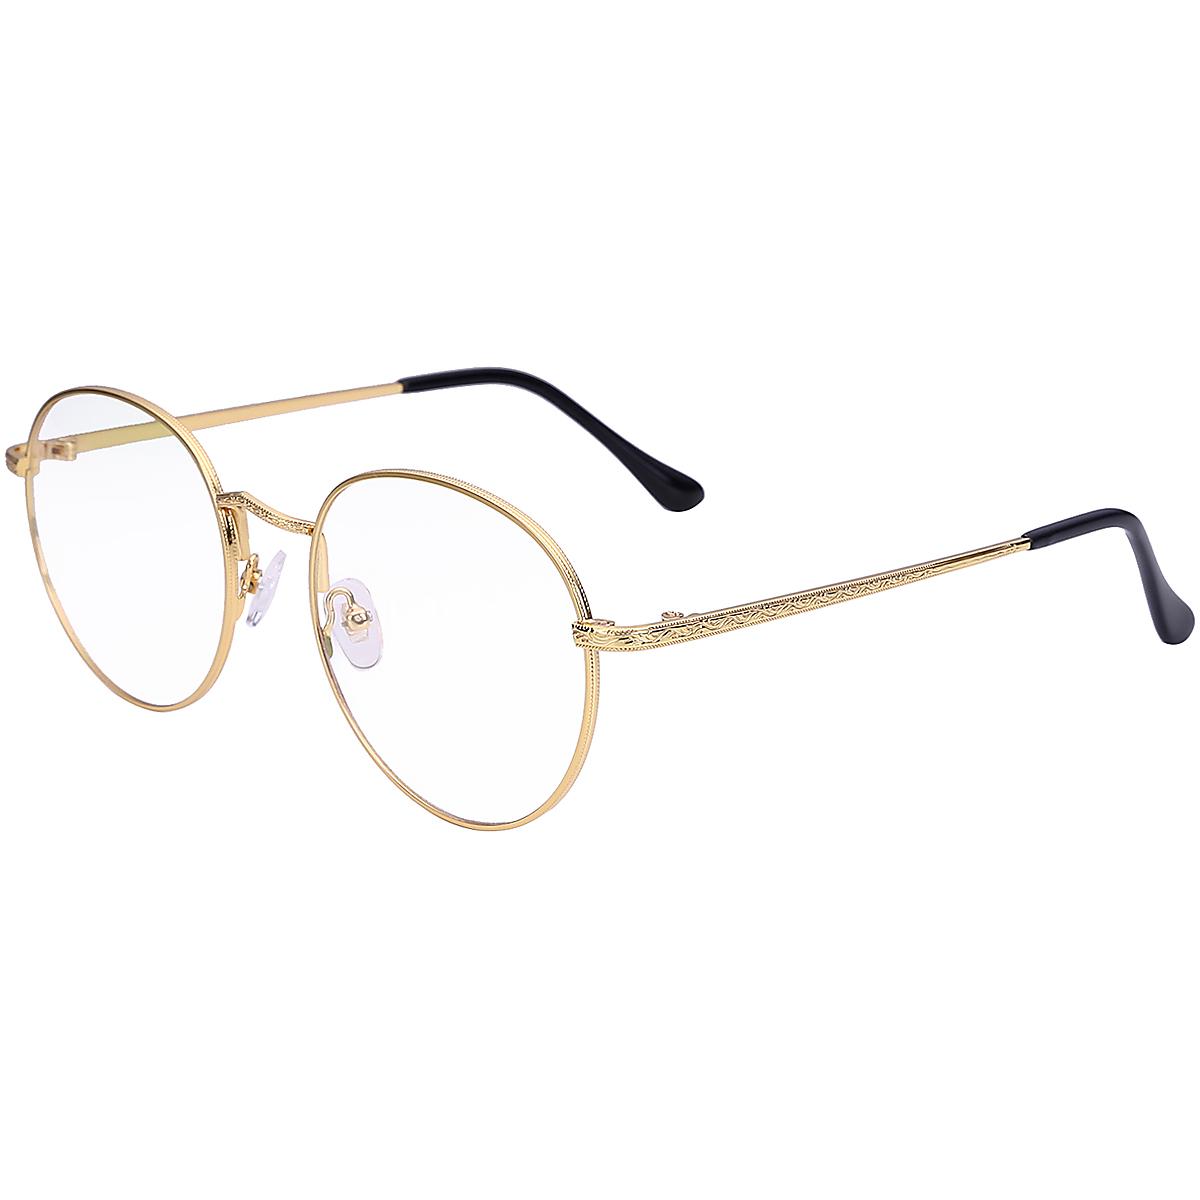 Pria Dan Wanita Kerangka Bulat Kaca Mata Netral Radiasi Kaca Mata ... 69a38e6fb1